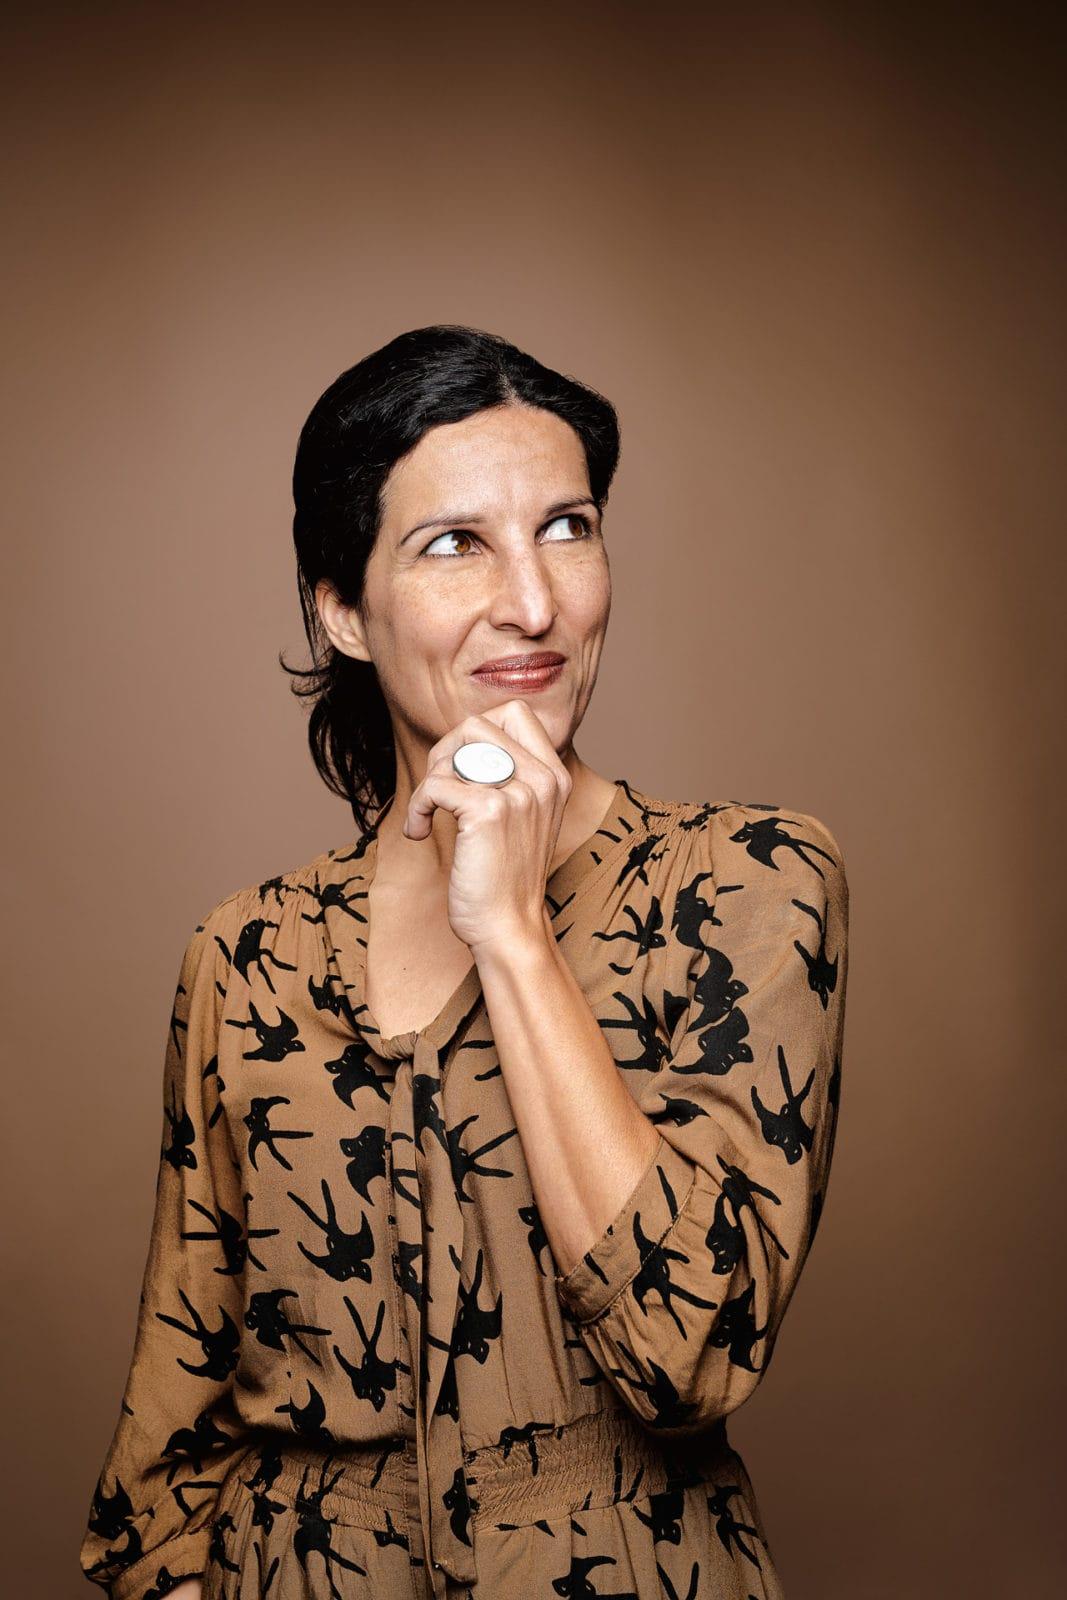 Authentisches Portrait für Sedcards - fotografiert im Studio Mielek / Dortmund / NRW / Deutschland